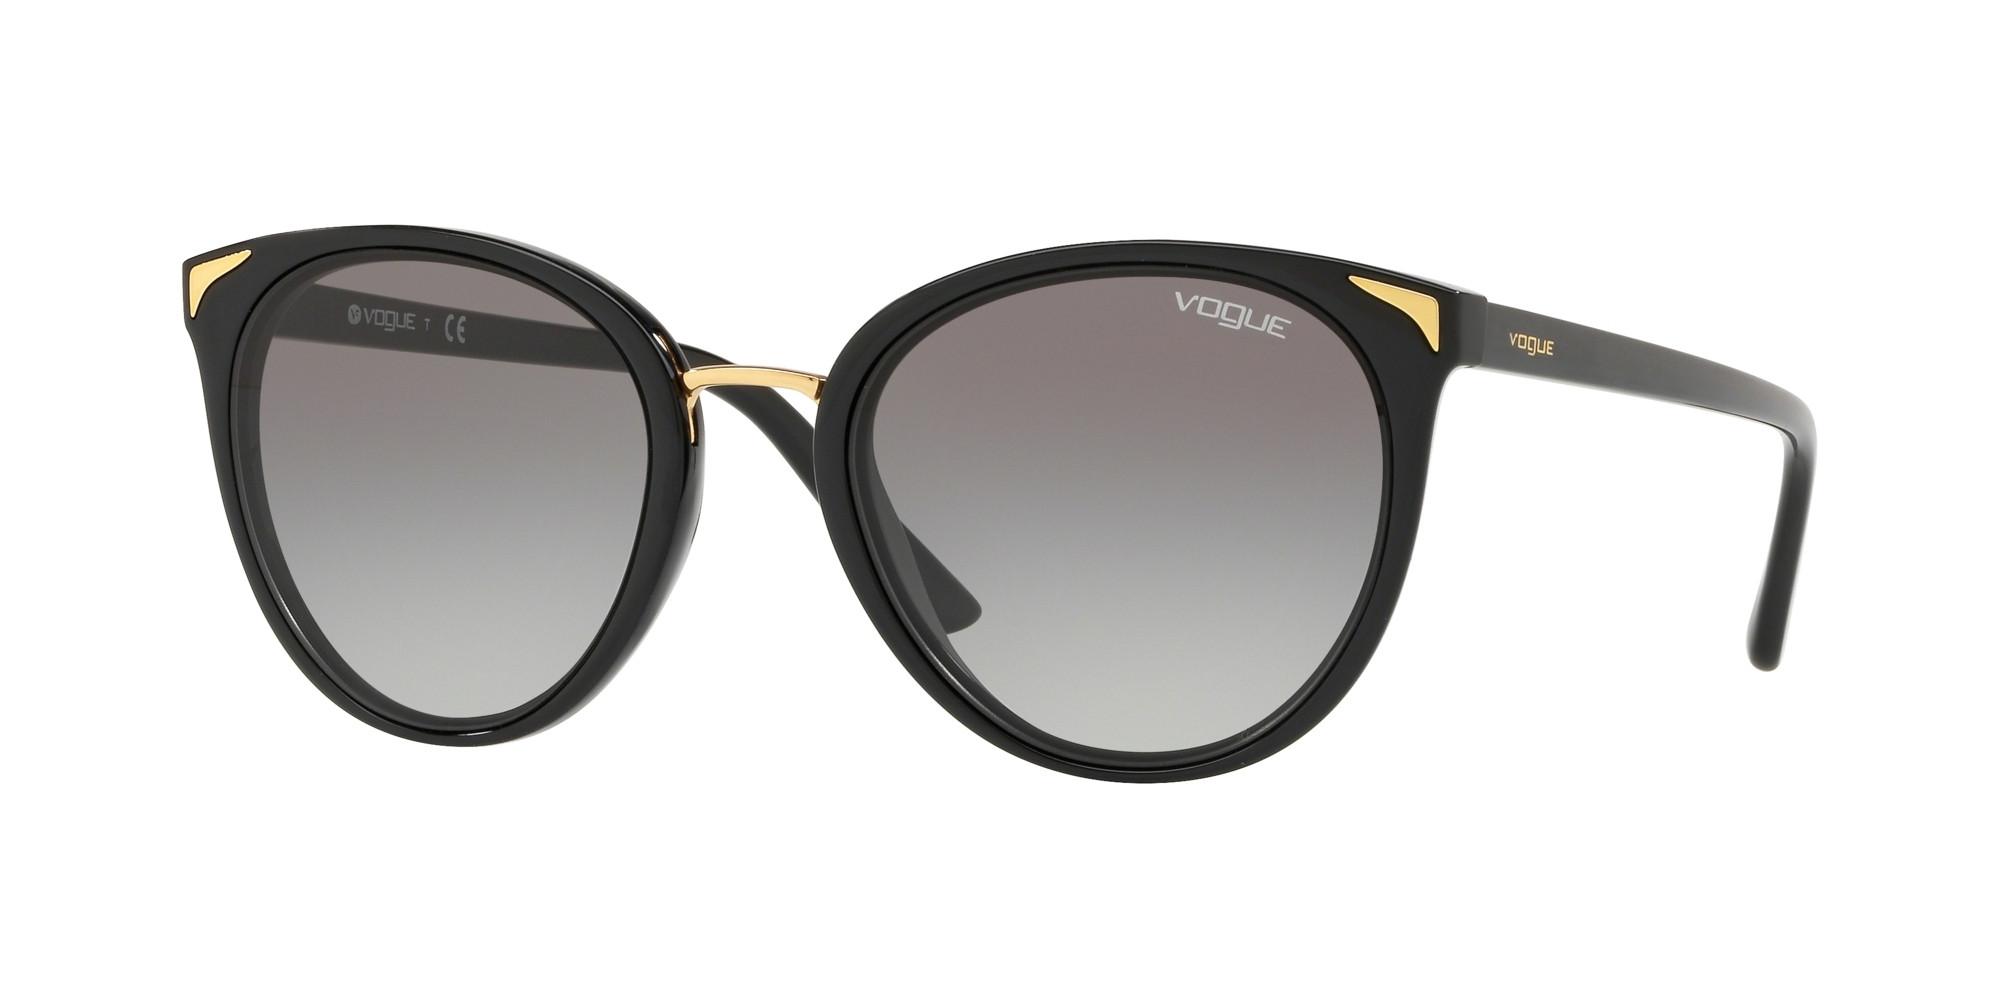 a085958cf8 Vogue 5230S/S 54 Negras online al mejor precio - Gafas Vogue